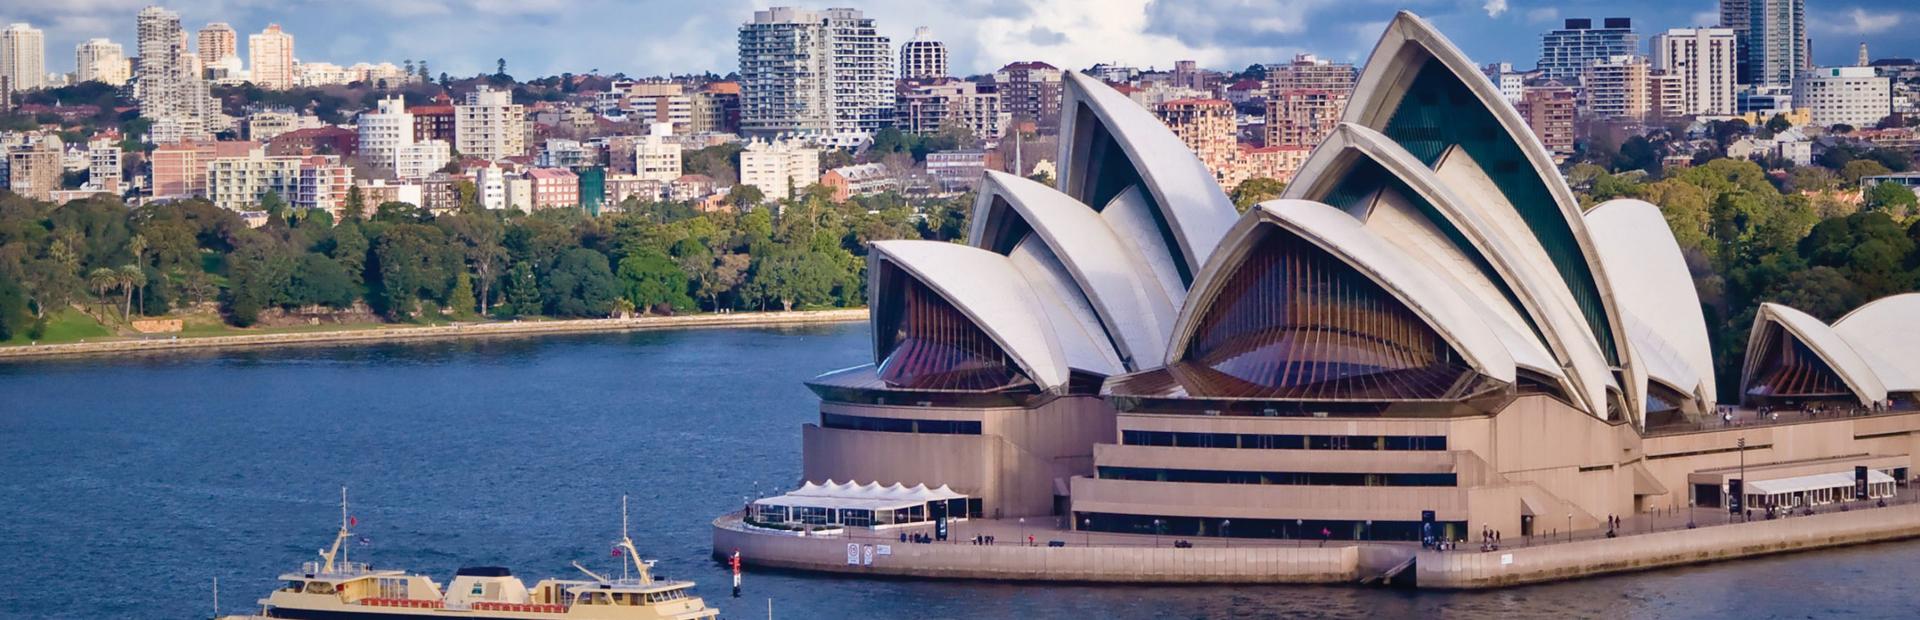 Australia_Tour_1920x620